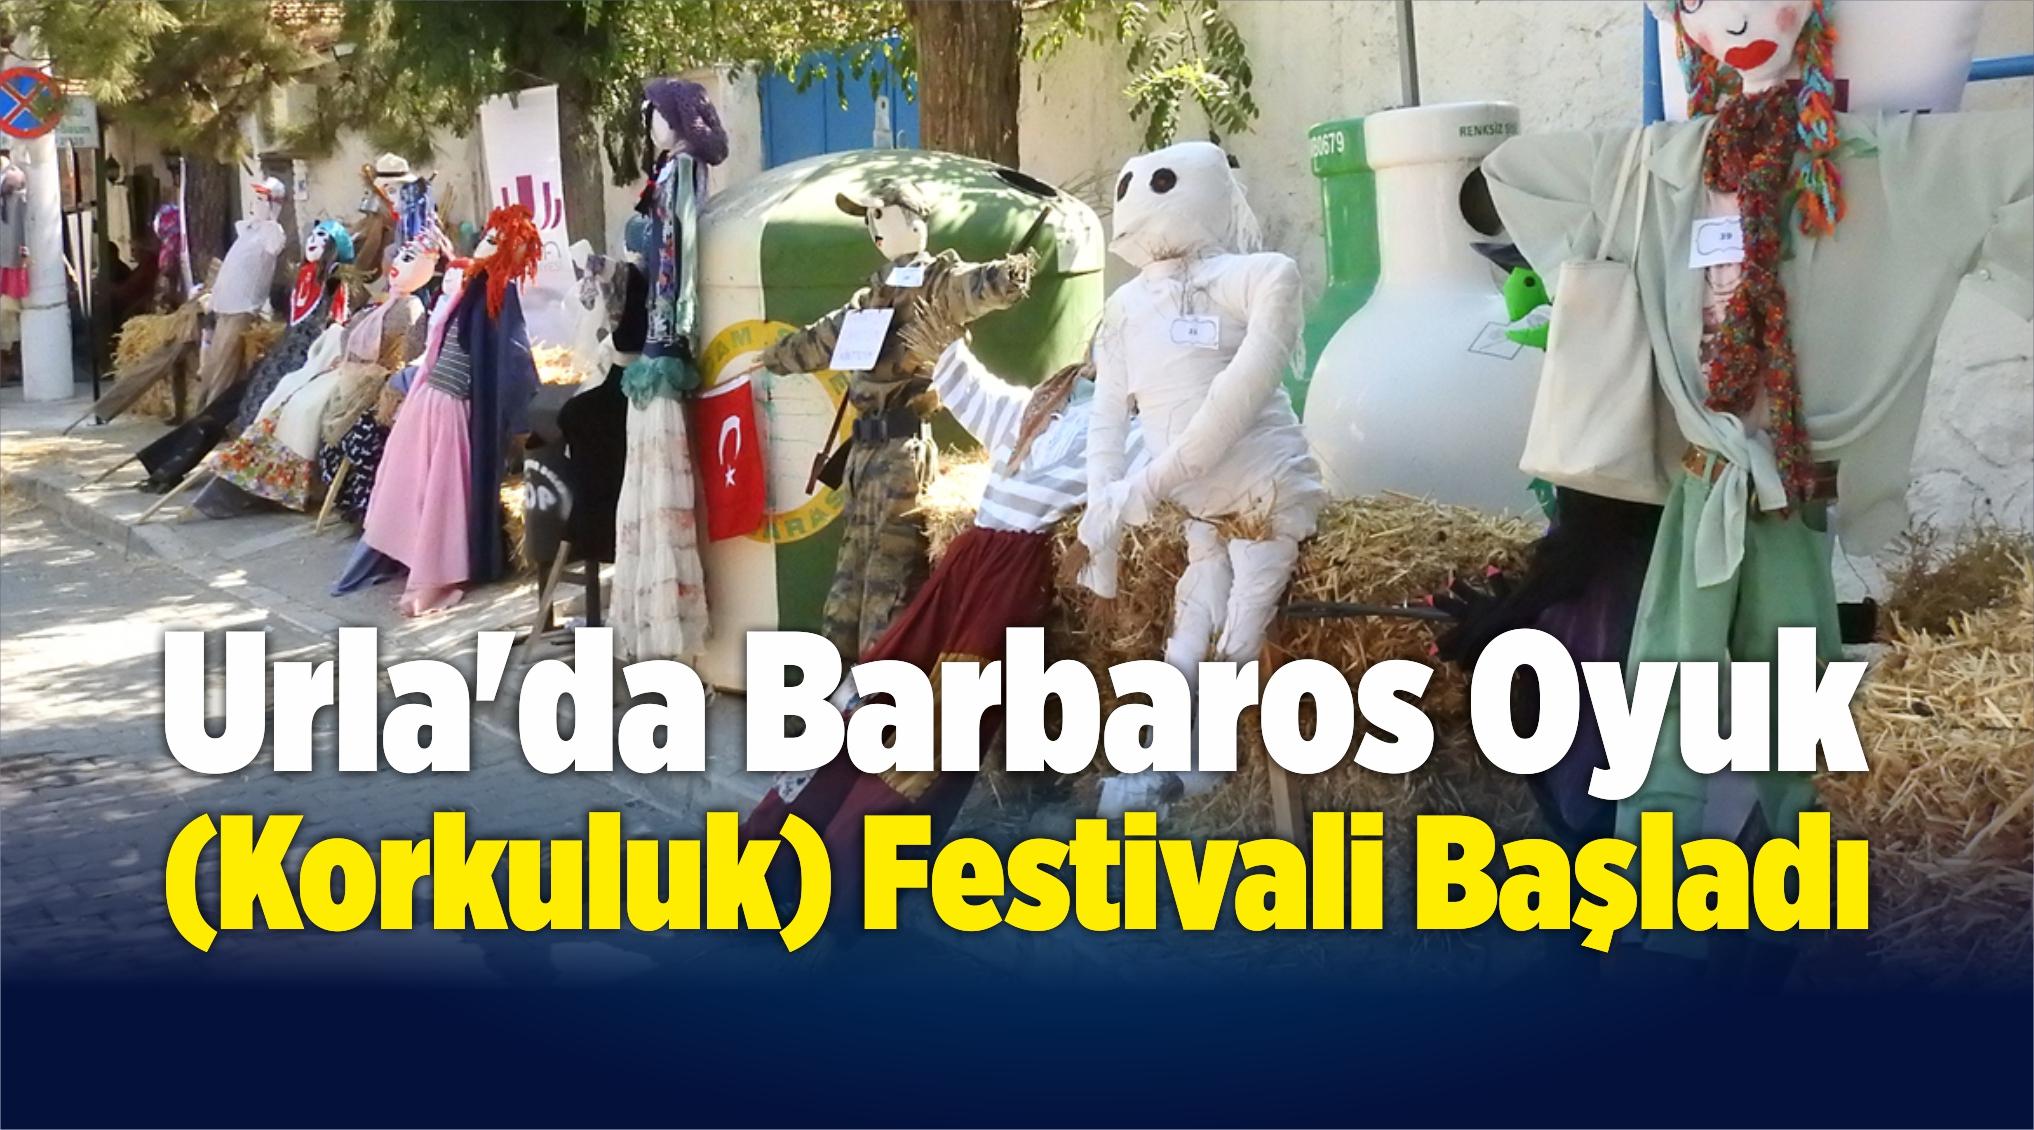 Urla'da Barbaros Oyuk (Korkuluk) Festivali Başladı